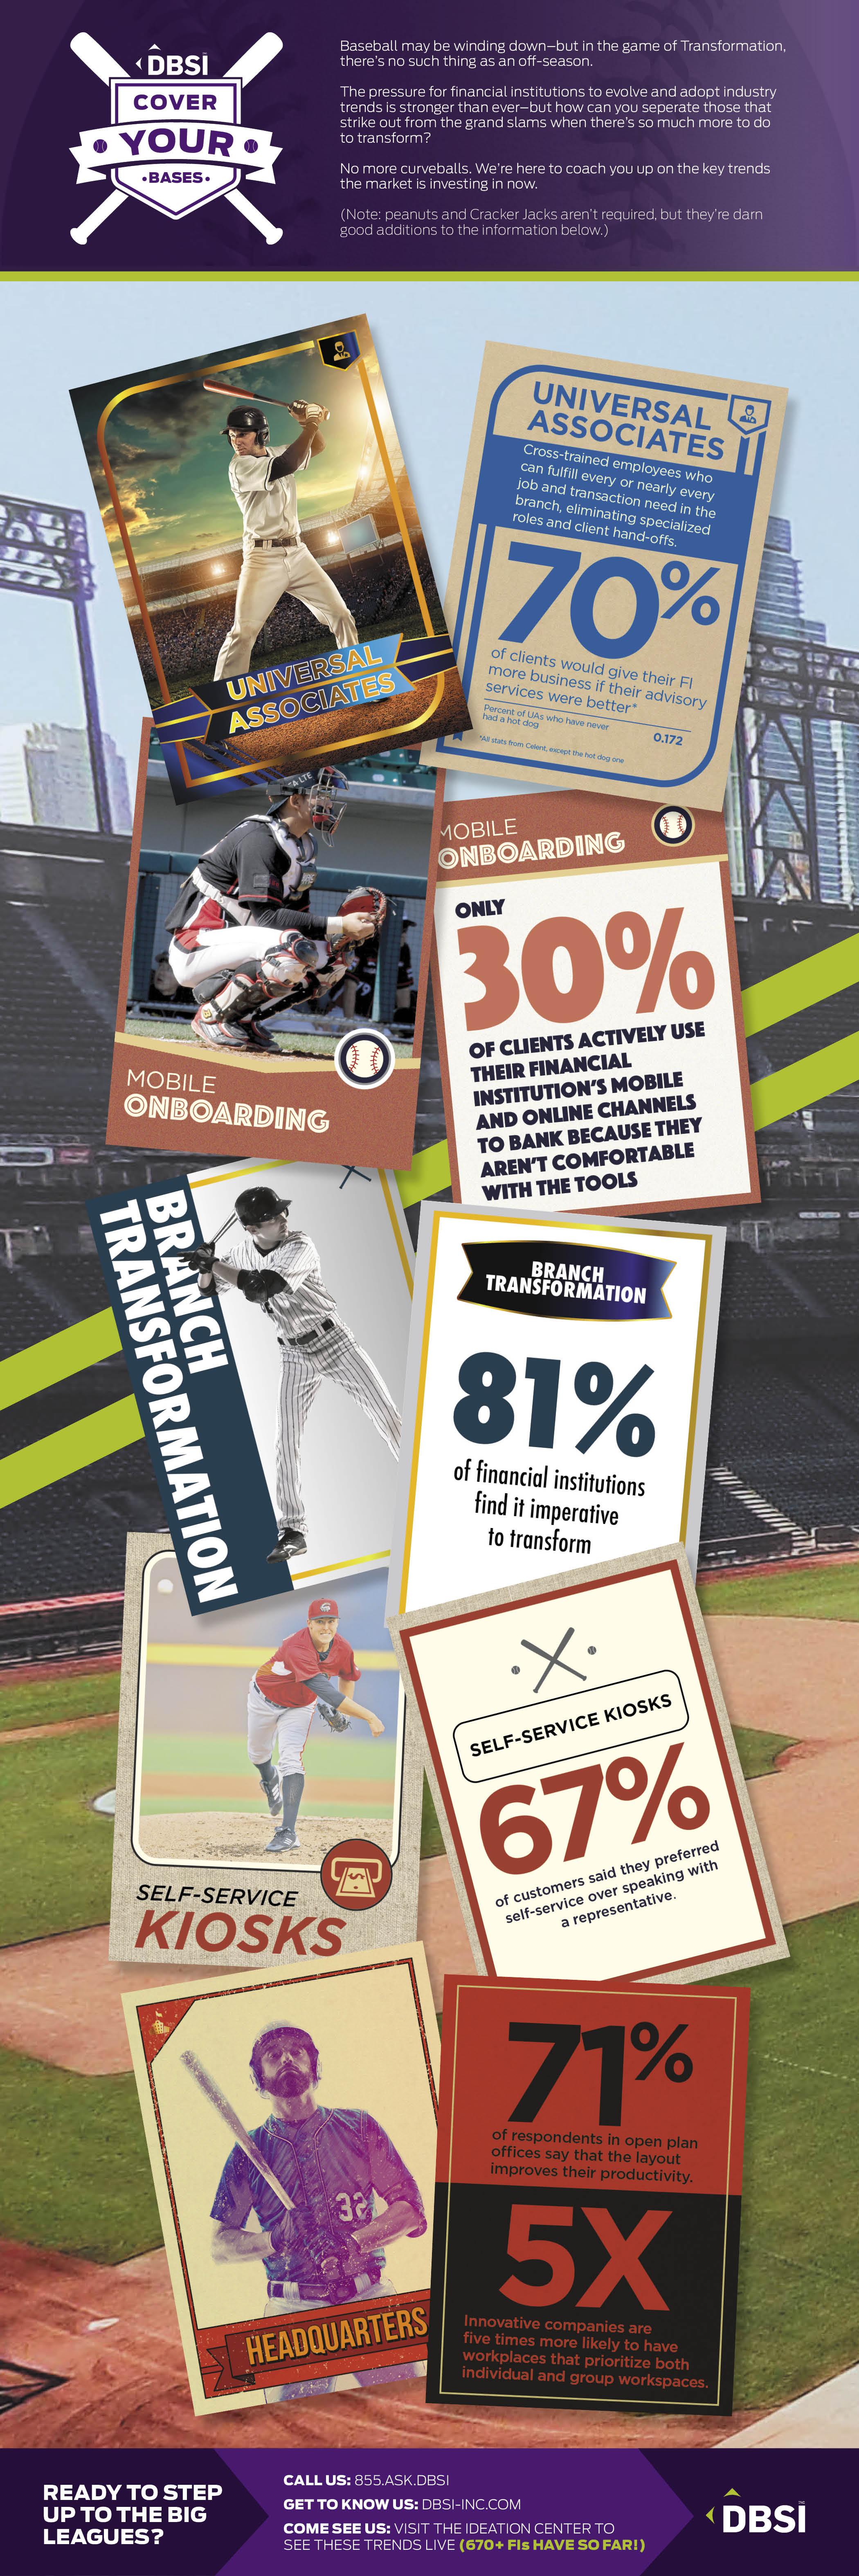 baseball_Trends_102318